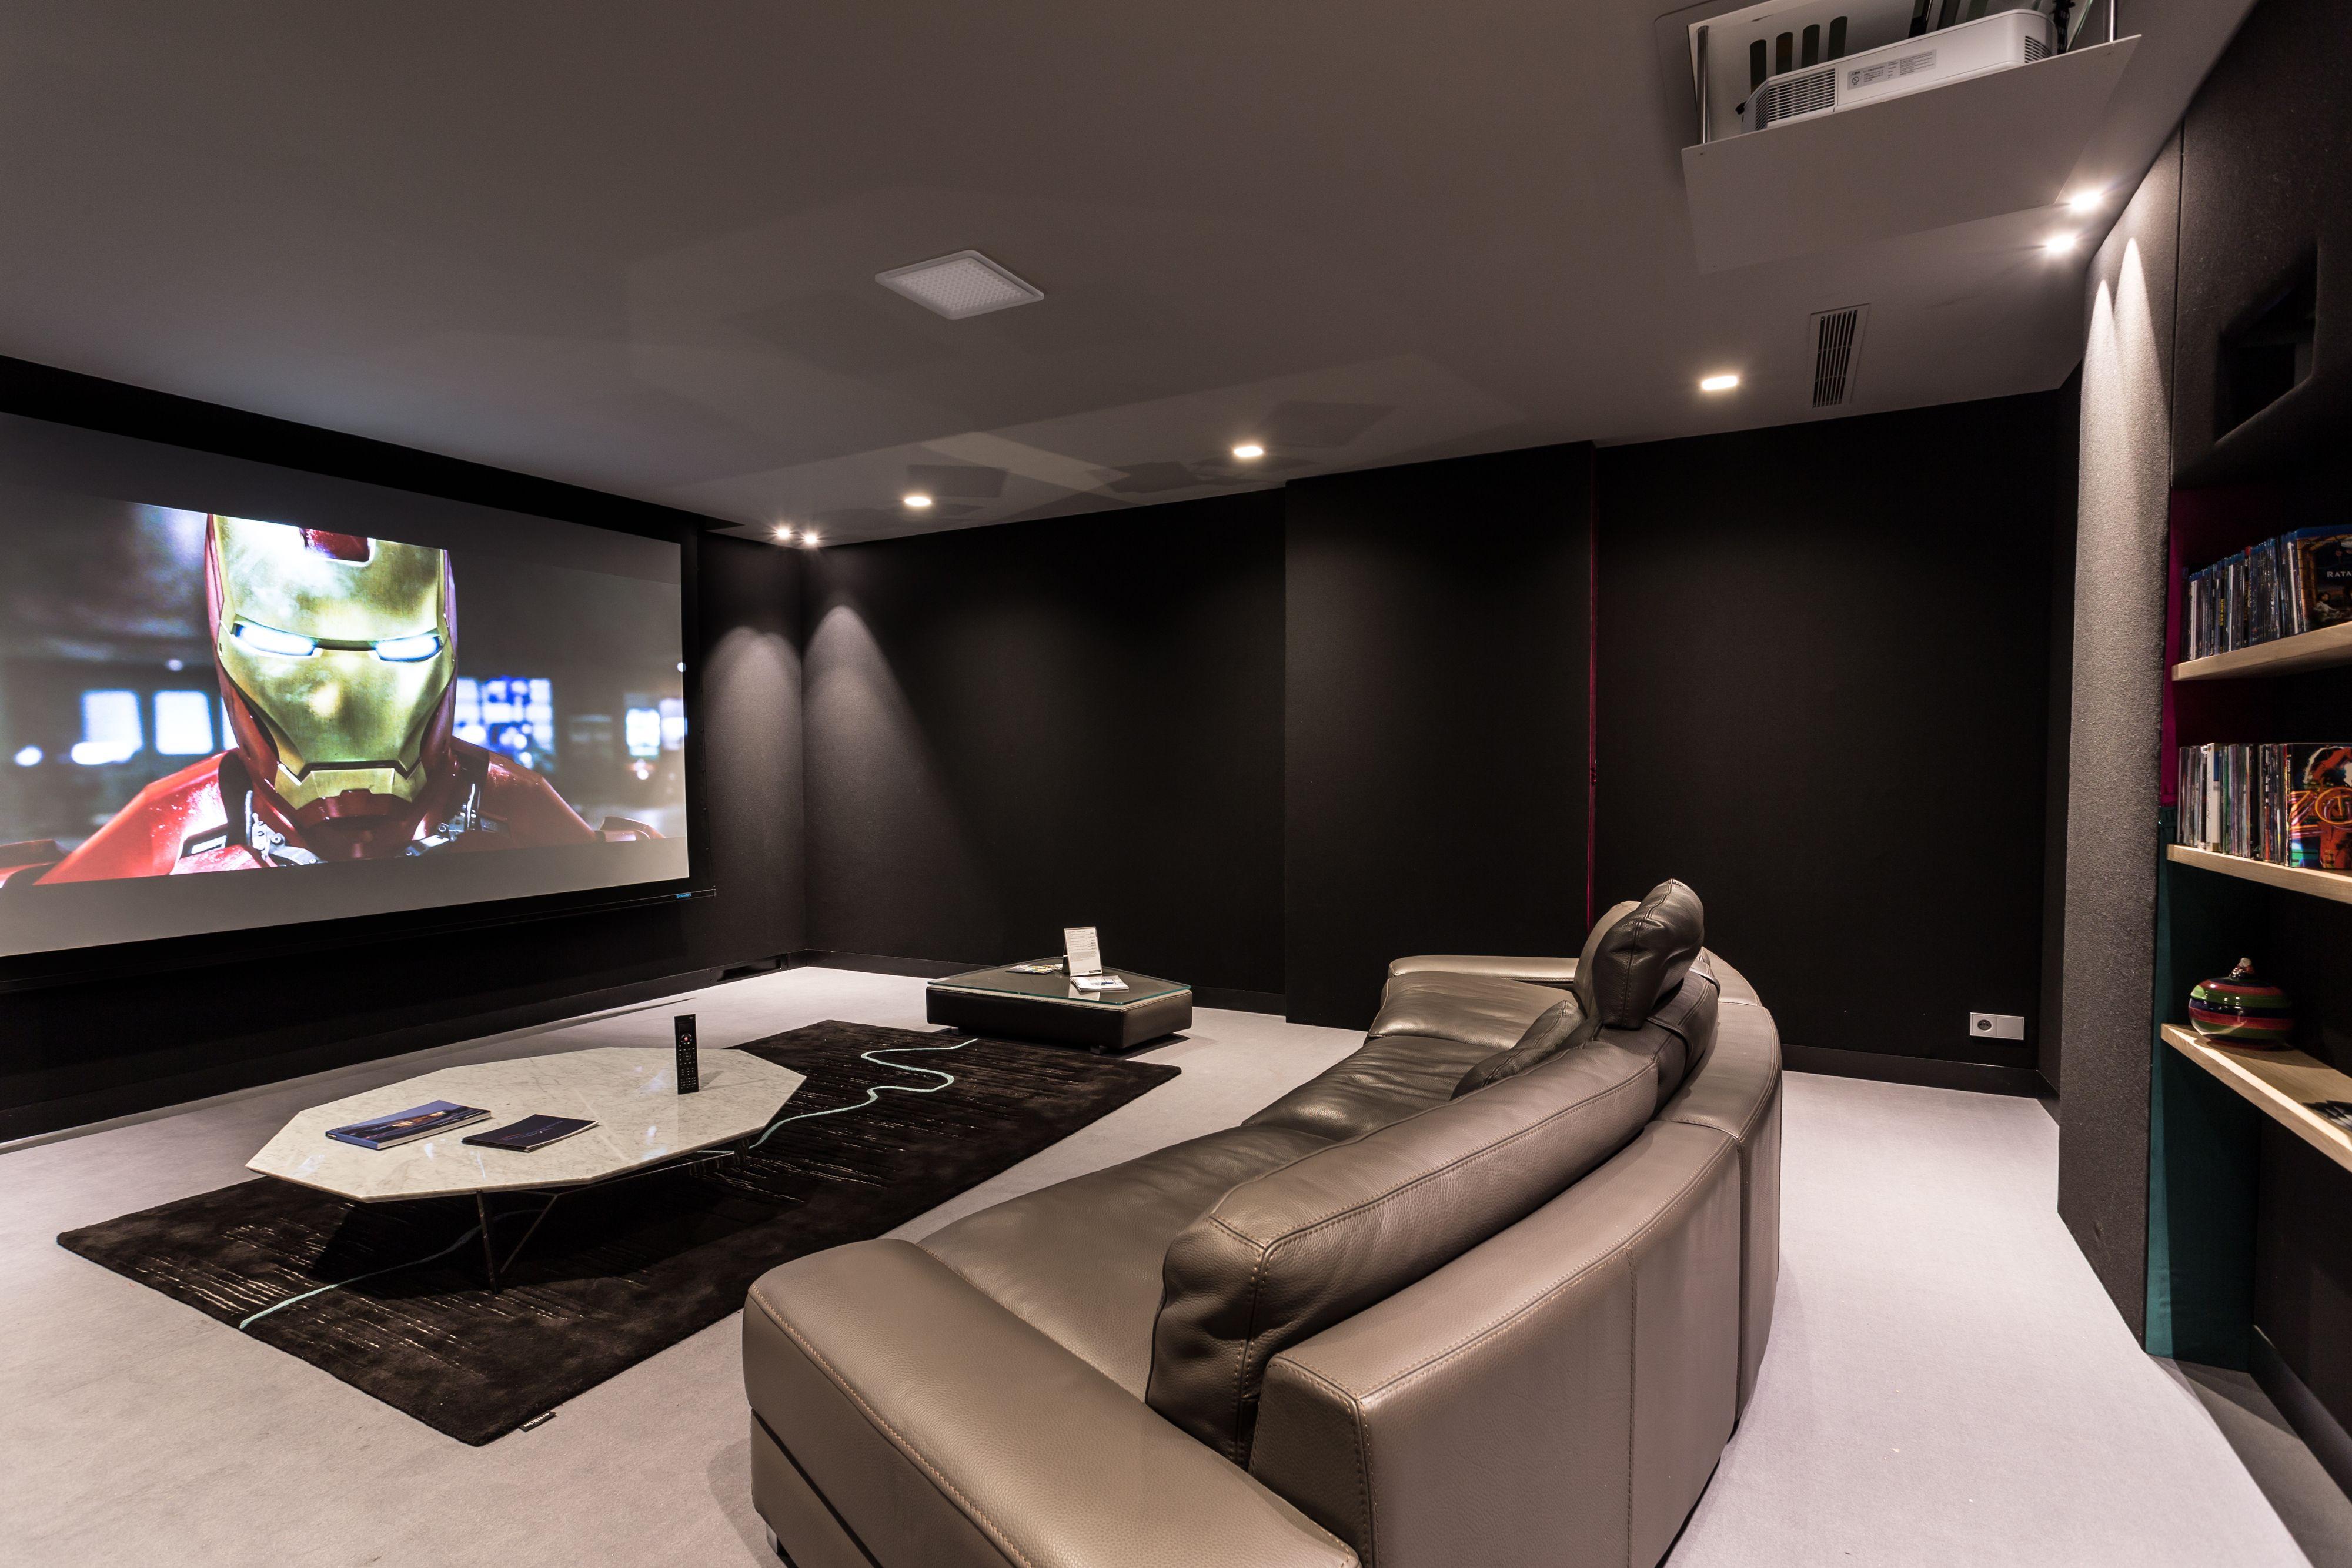 luxury cinema room with waterfall pro custom series | media room